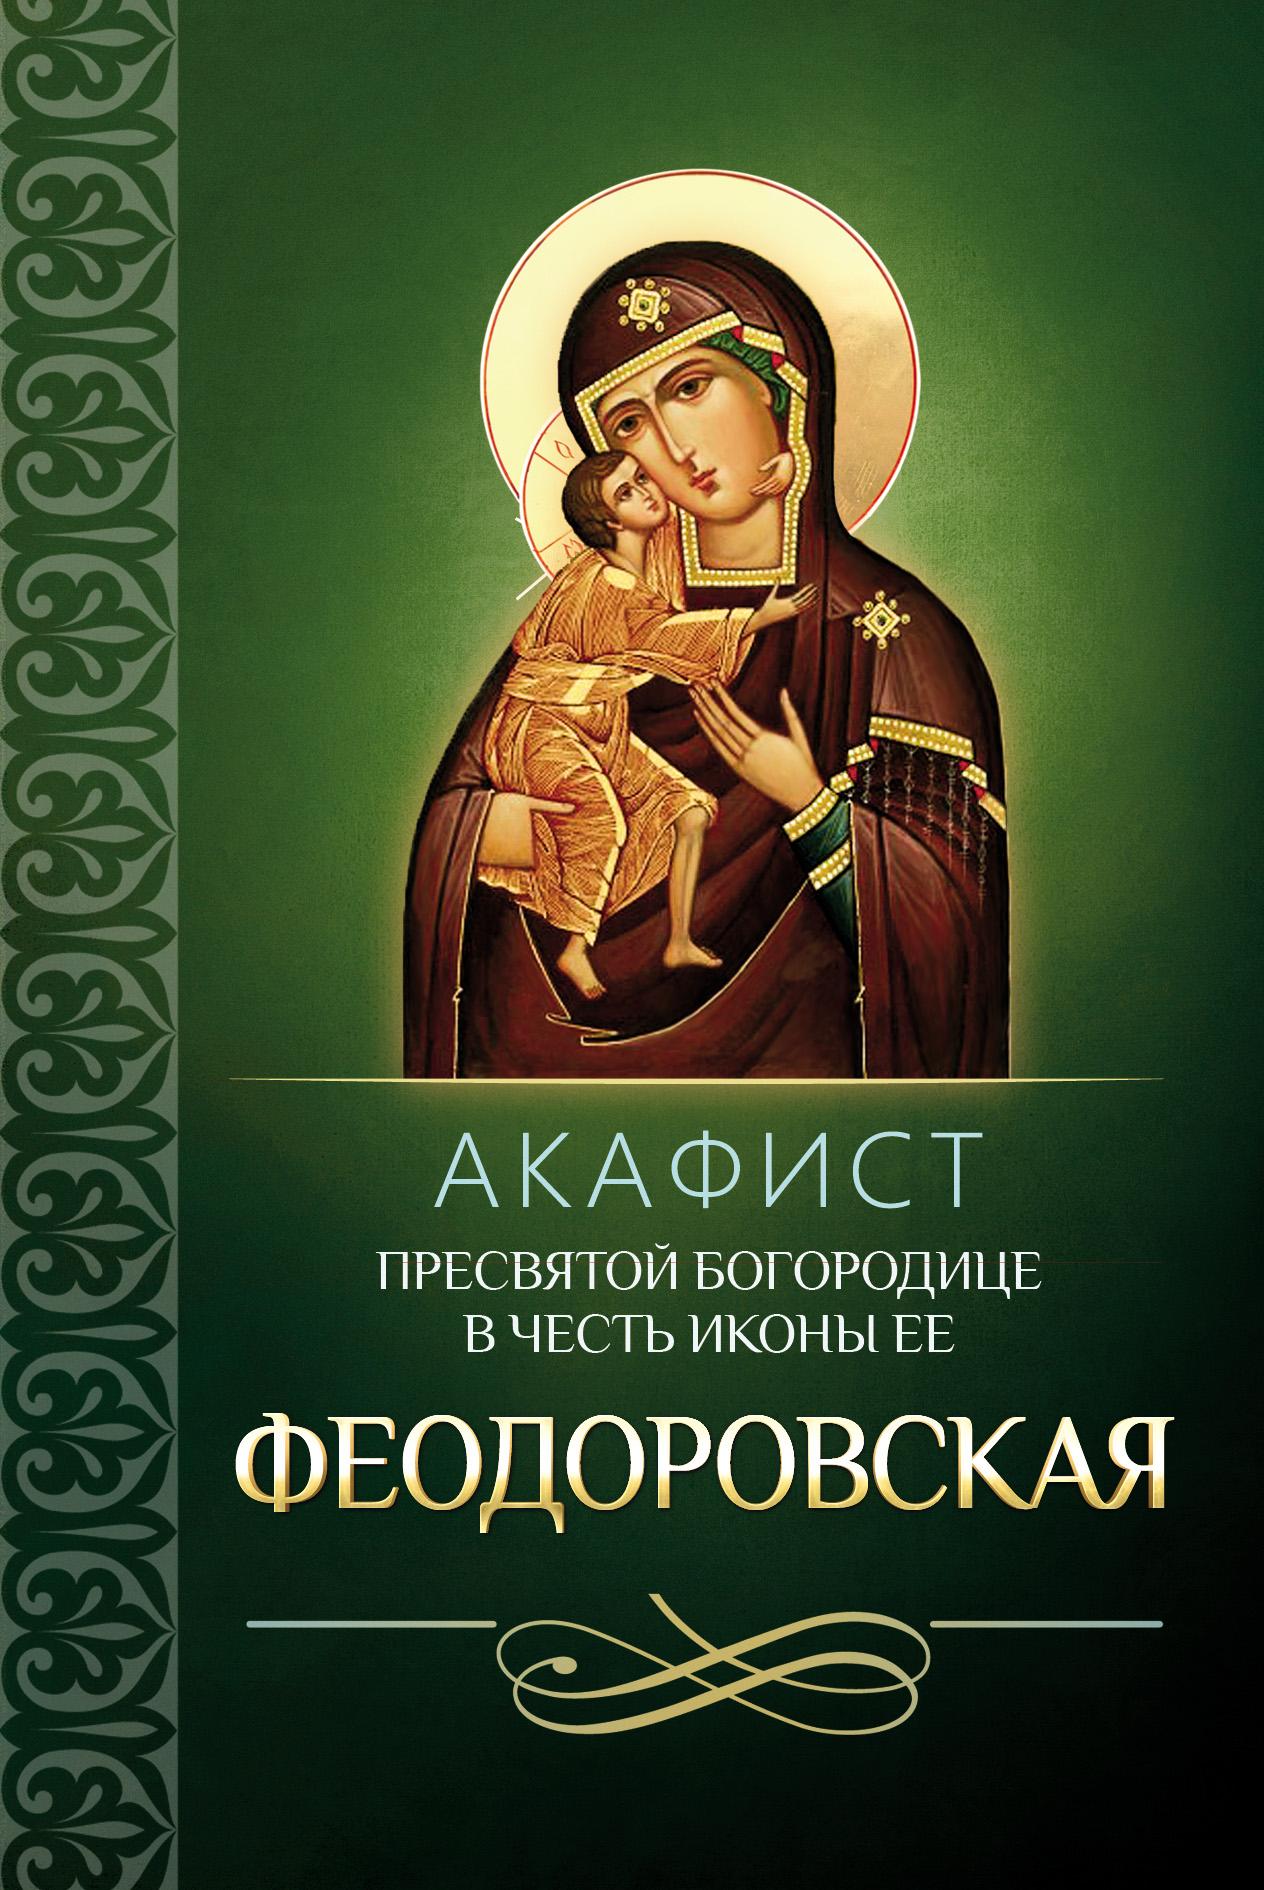 Сборник Акафист Пресвятой Богородице в честь иконы Ее Феодоровская акафист в честь иконы божией матери знамение празднование 27 ноября 10 декабря